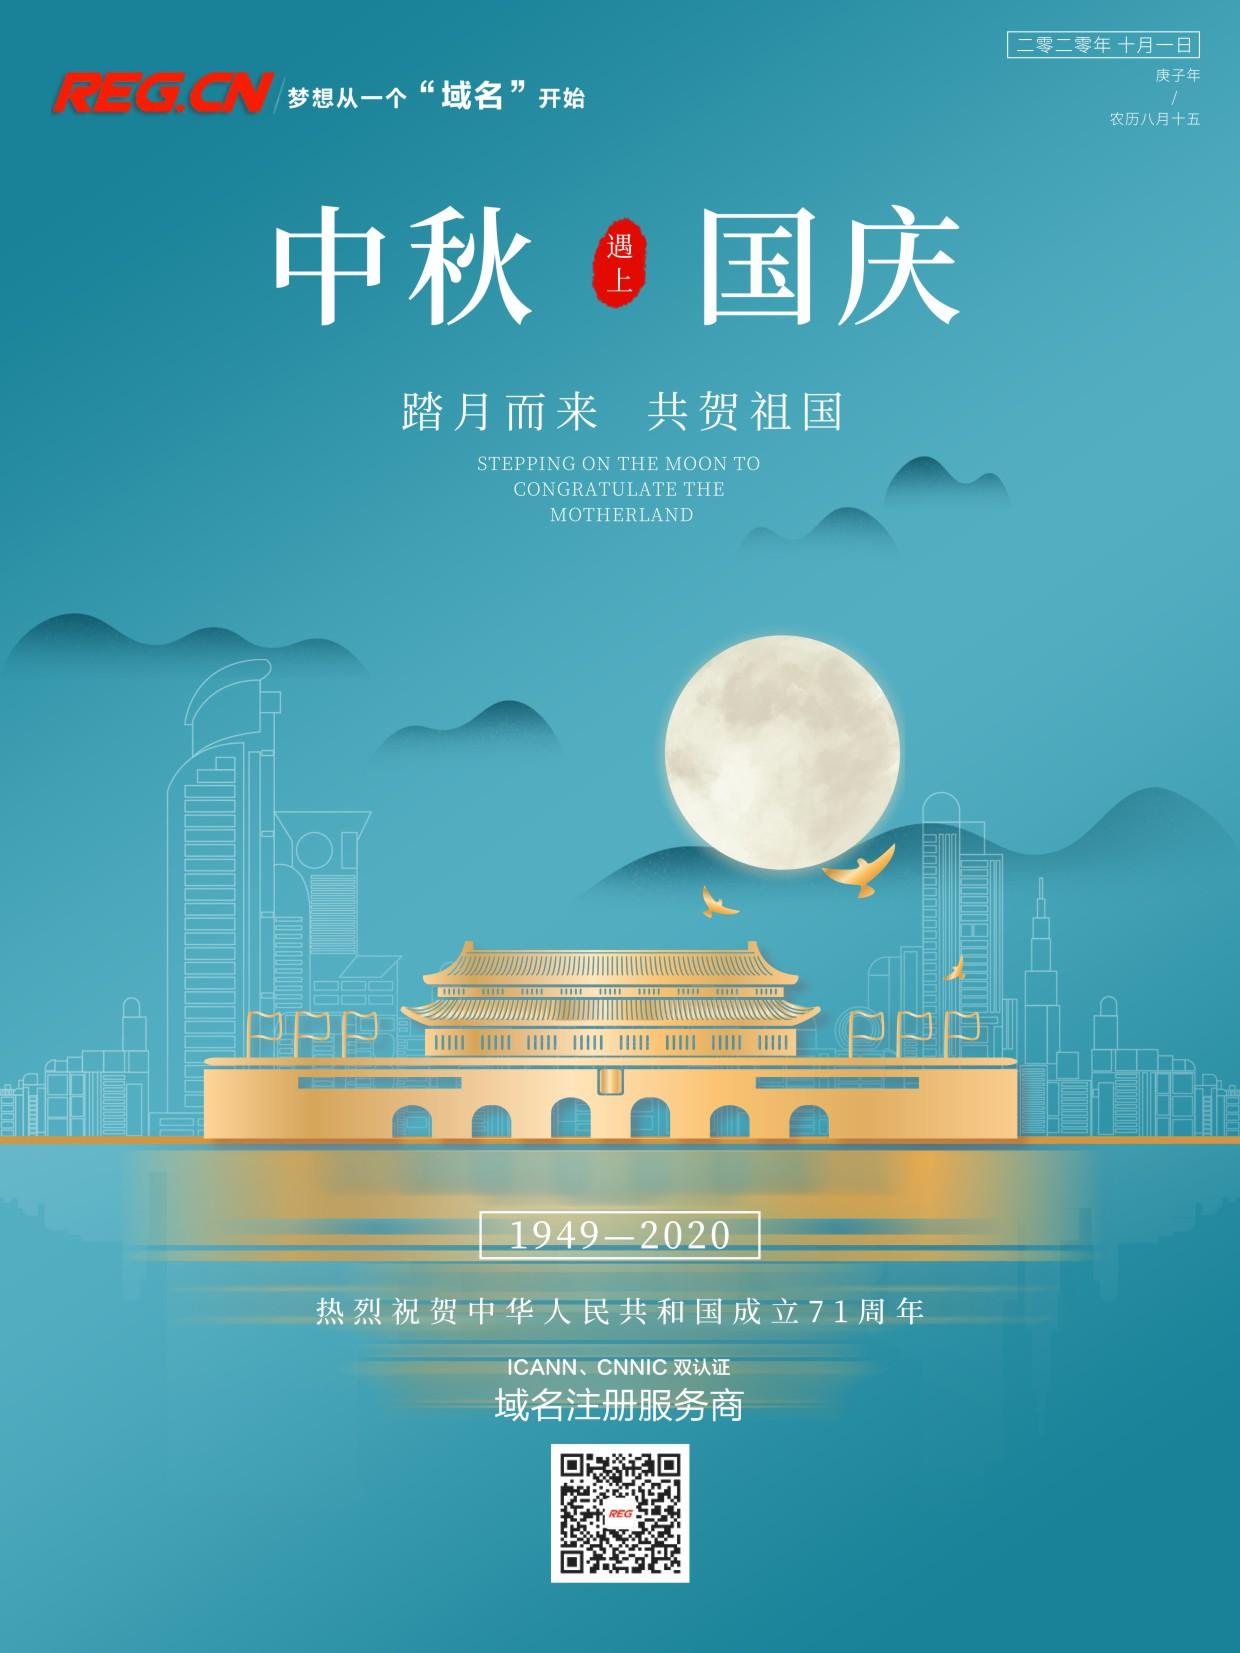 2020年中秋节、国庆节放假通知